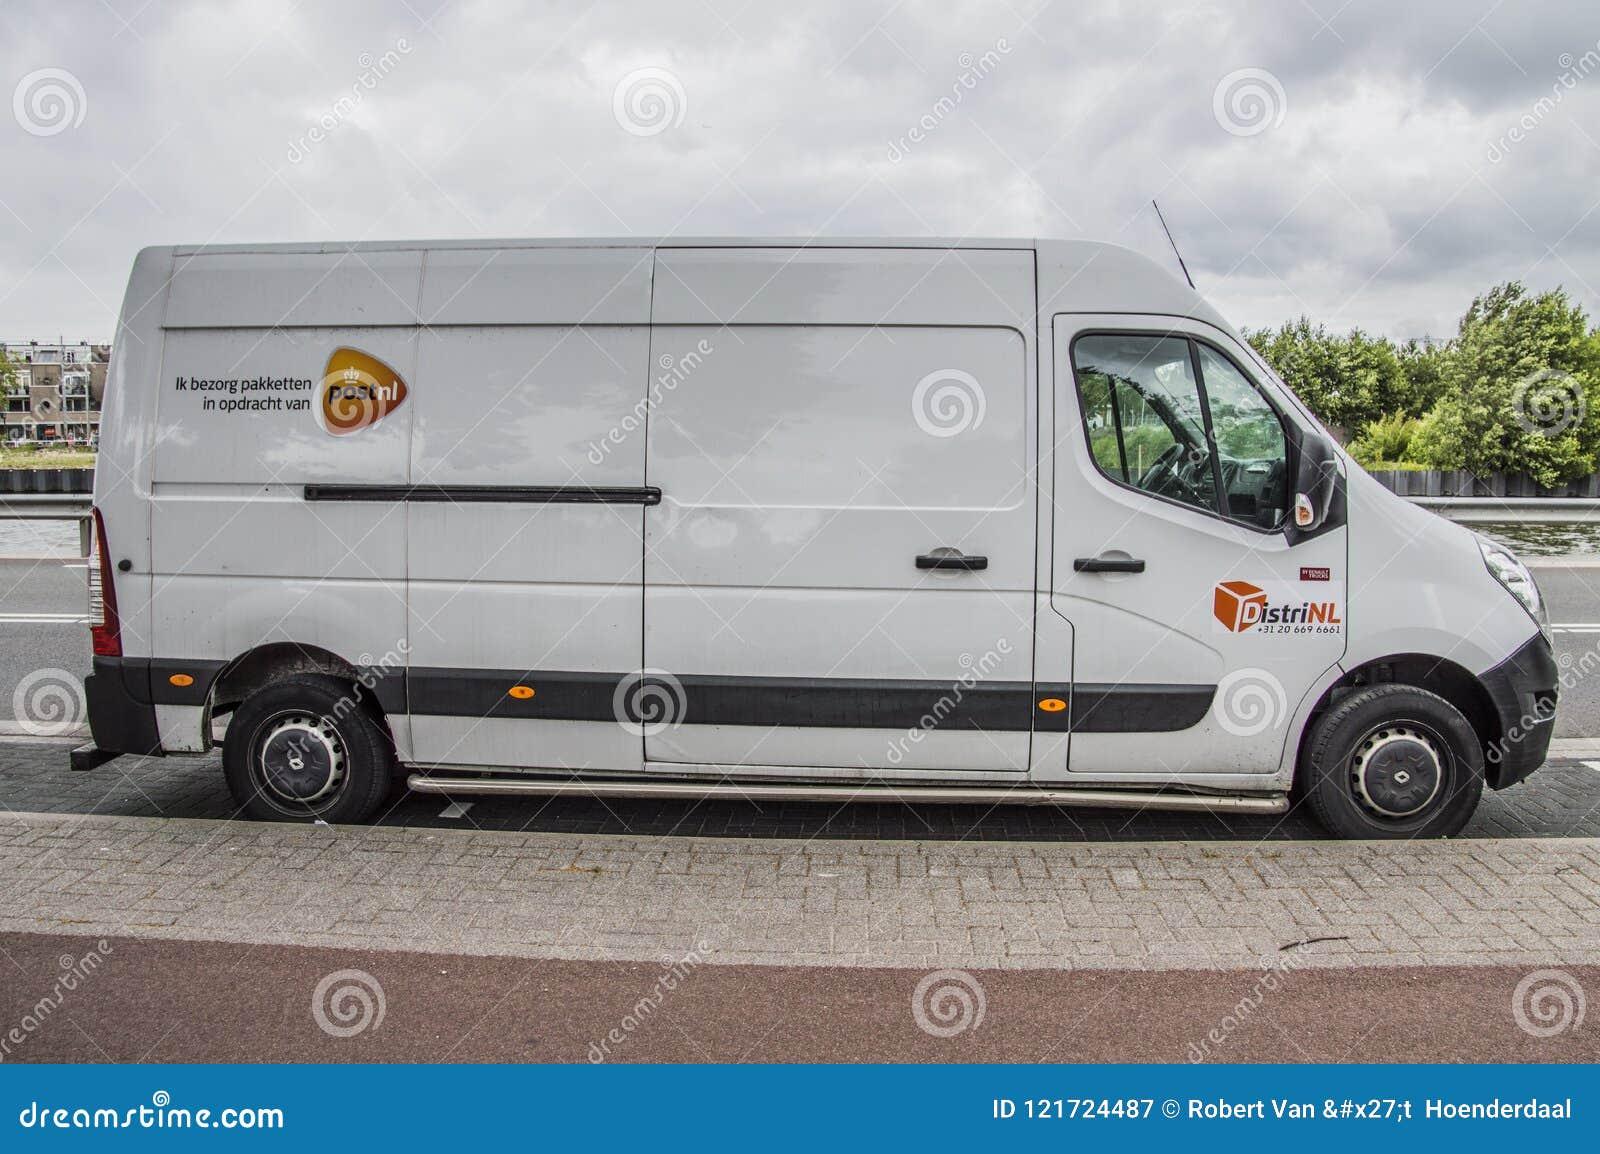 Postnl blanco Van At Diemen The Netherlands